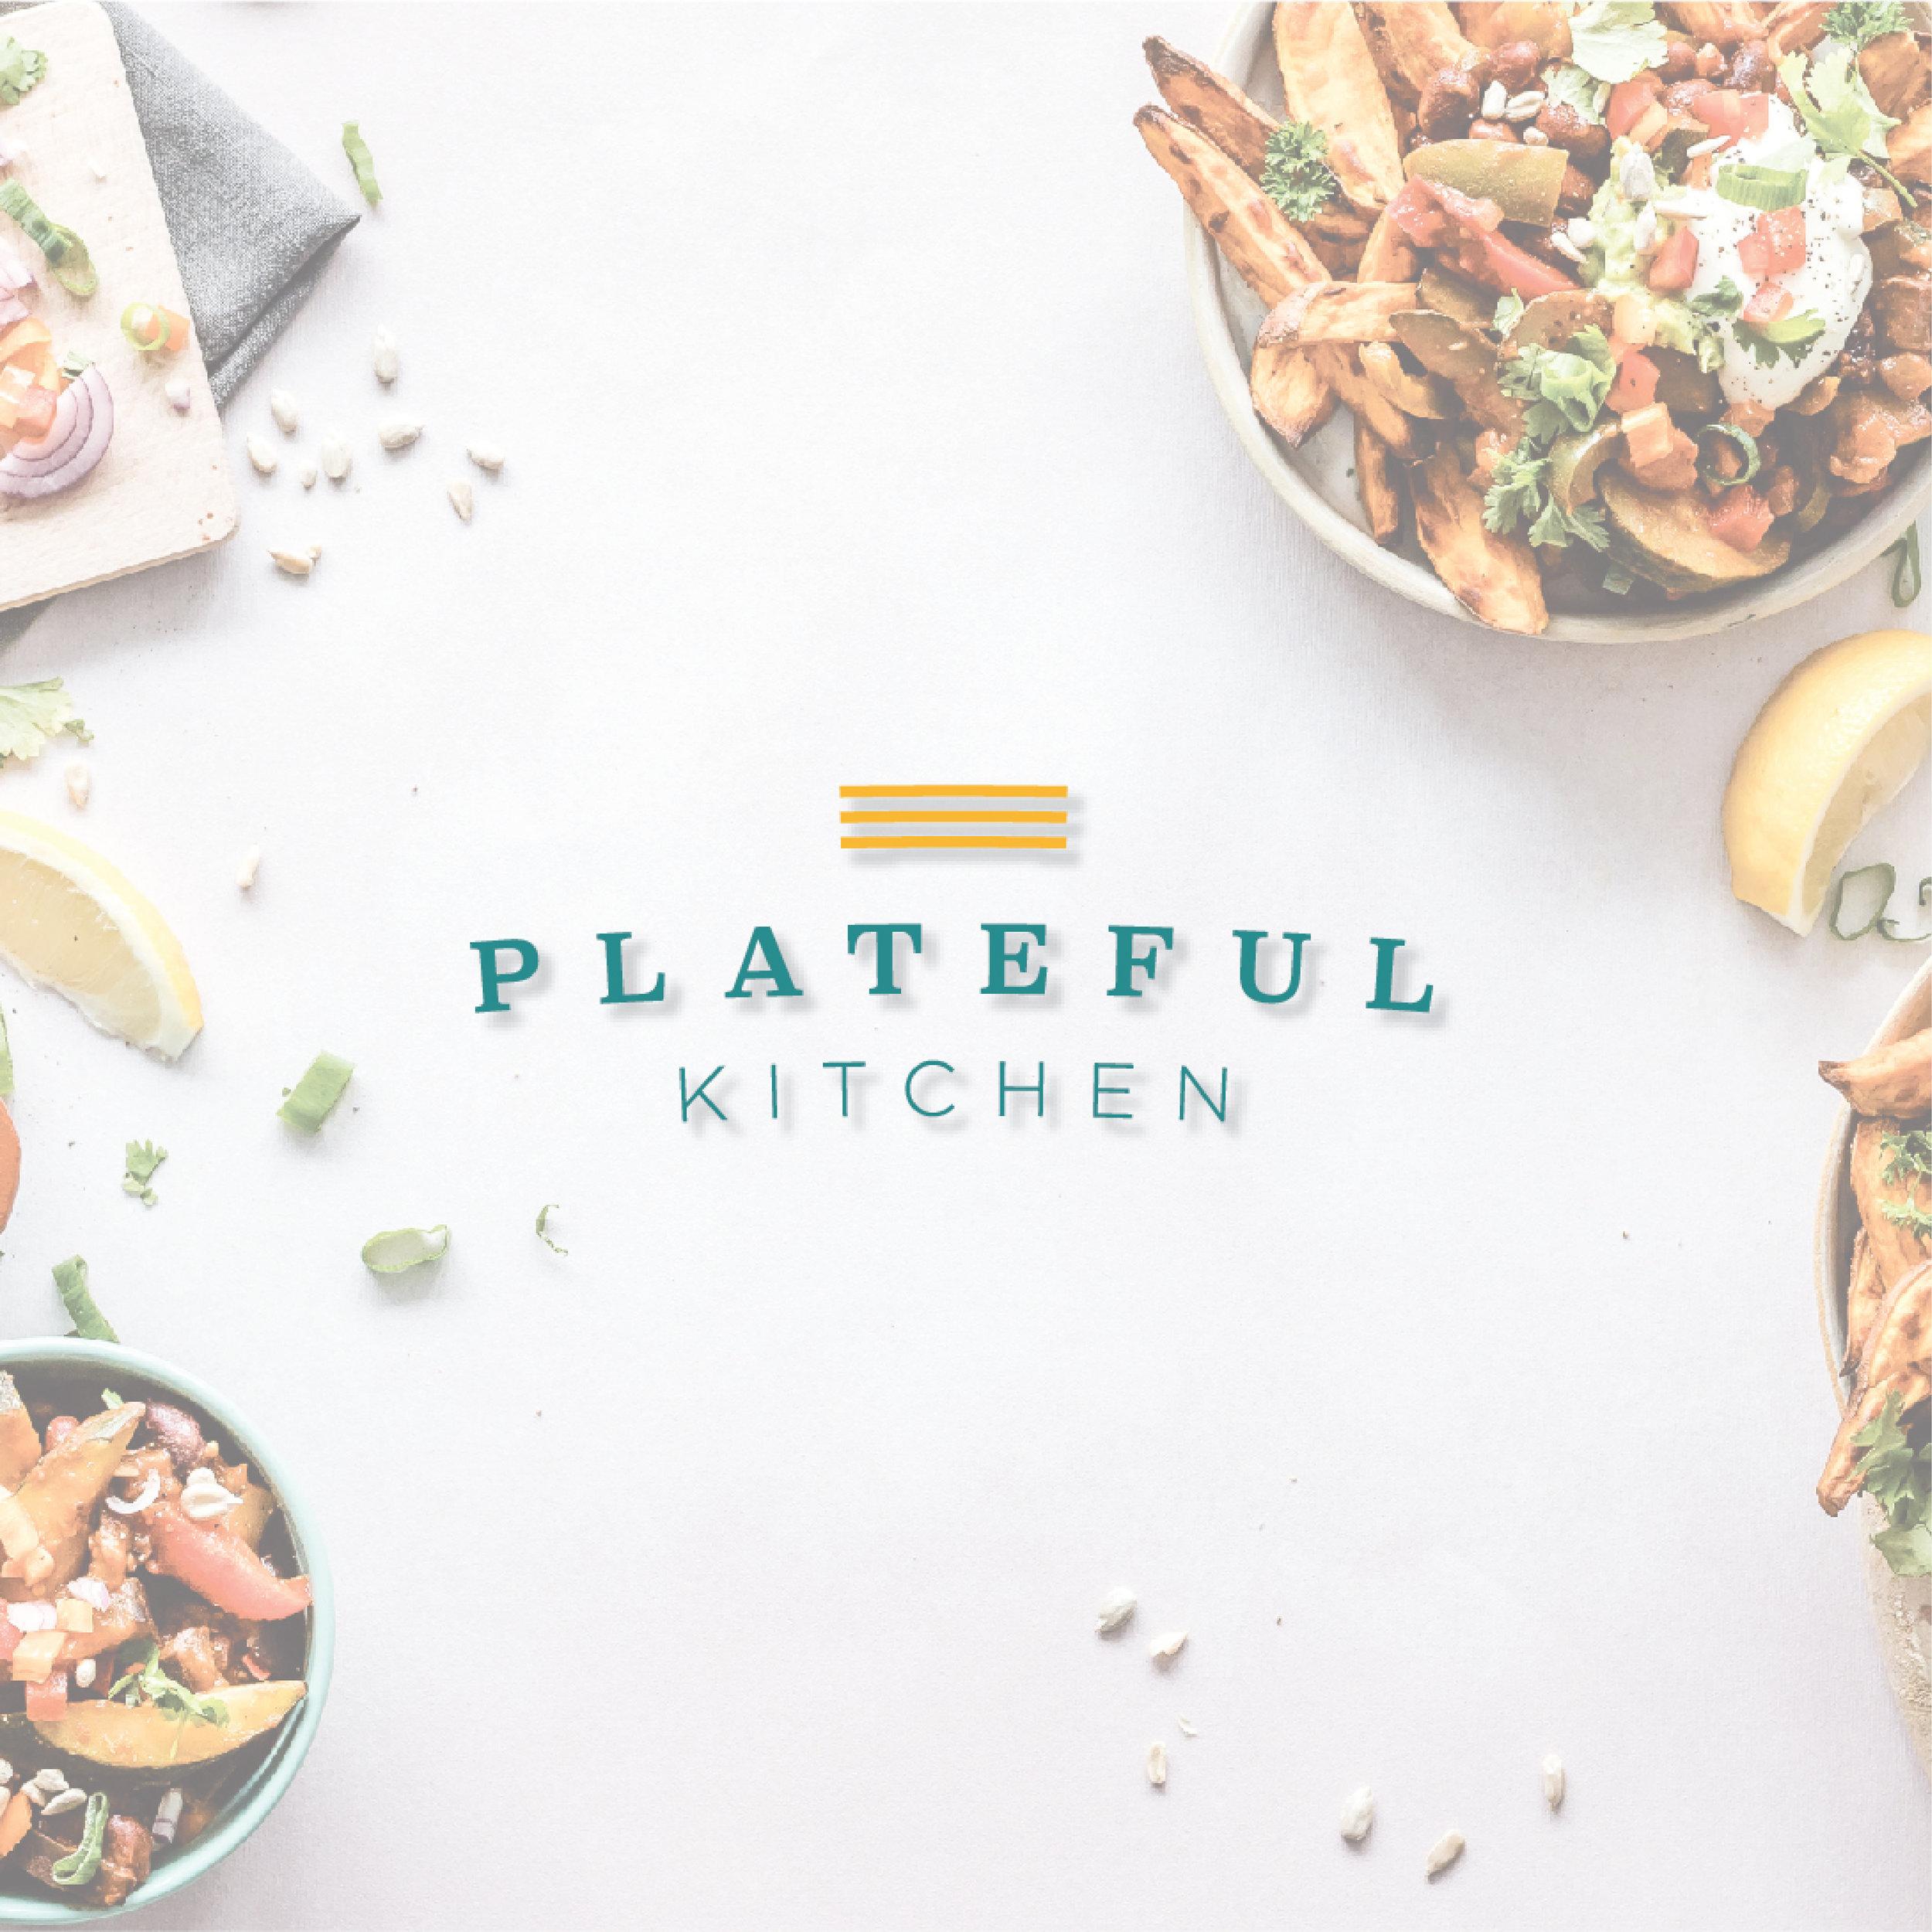 plateful kitchen -